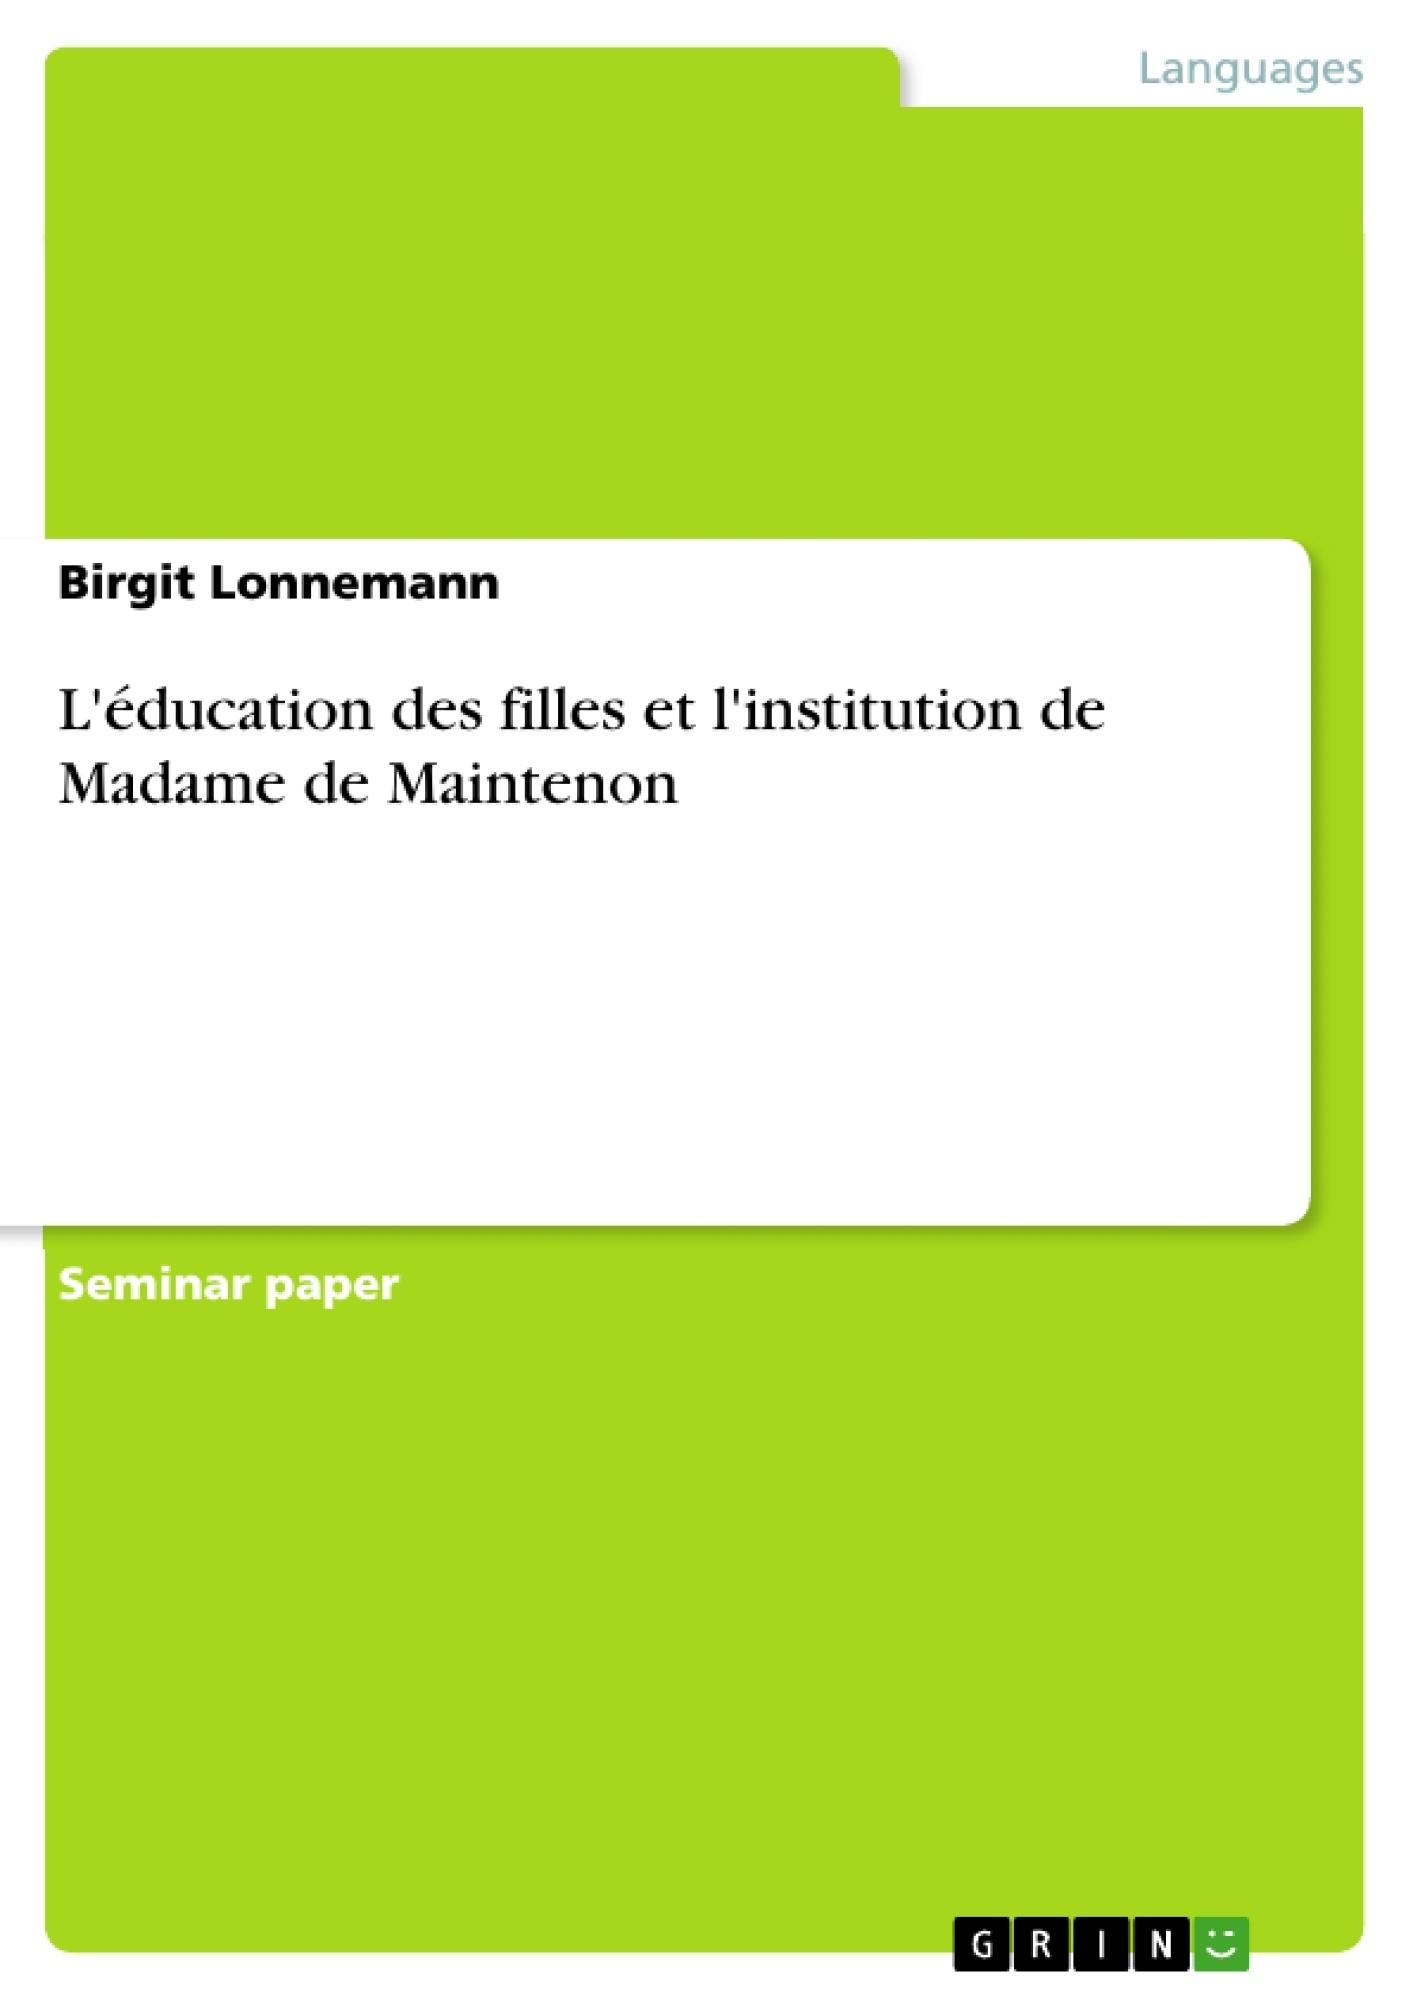 Titre: L'éducation des filles et l'institution de Madame de Maintenon